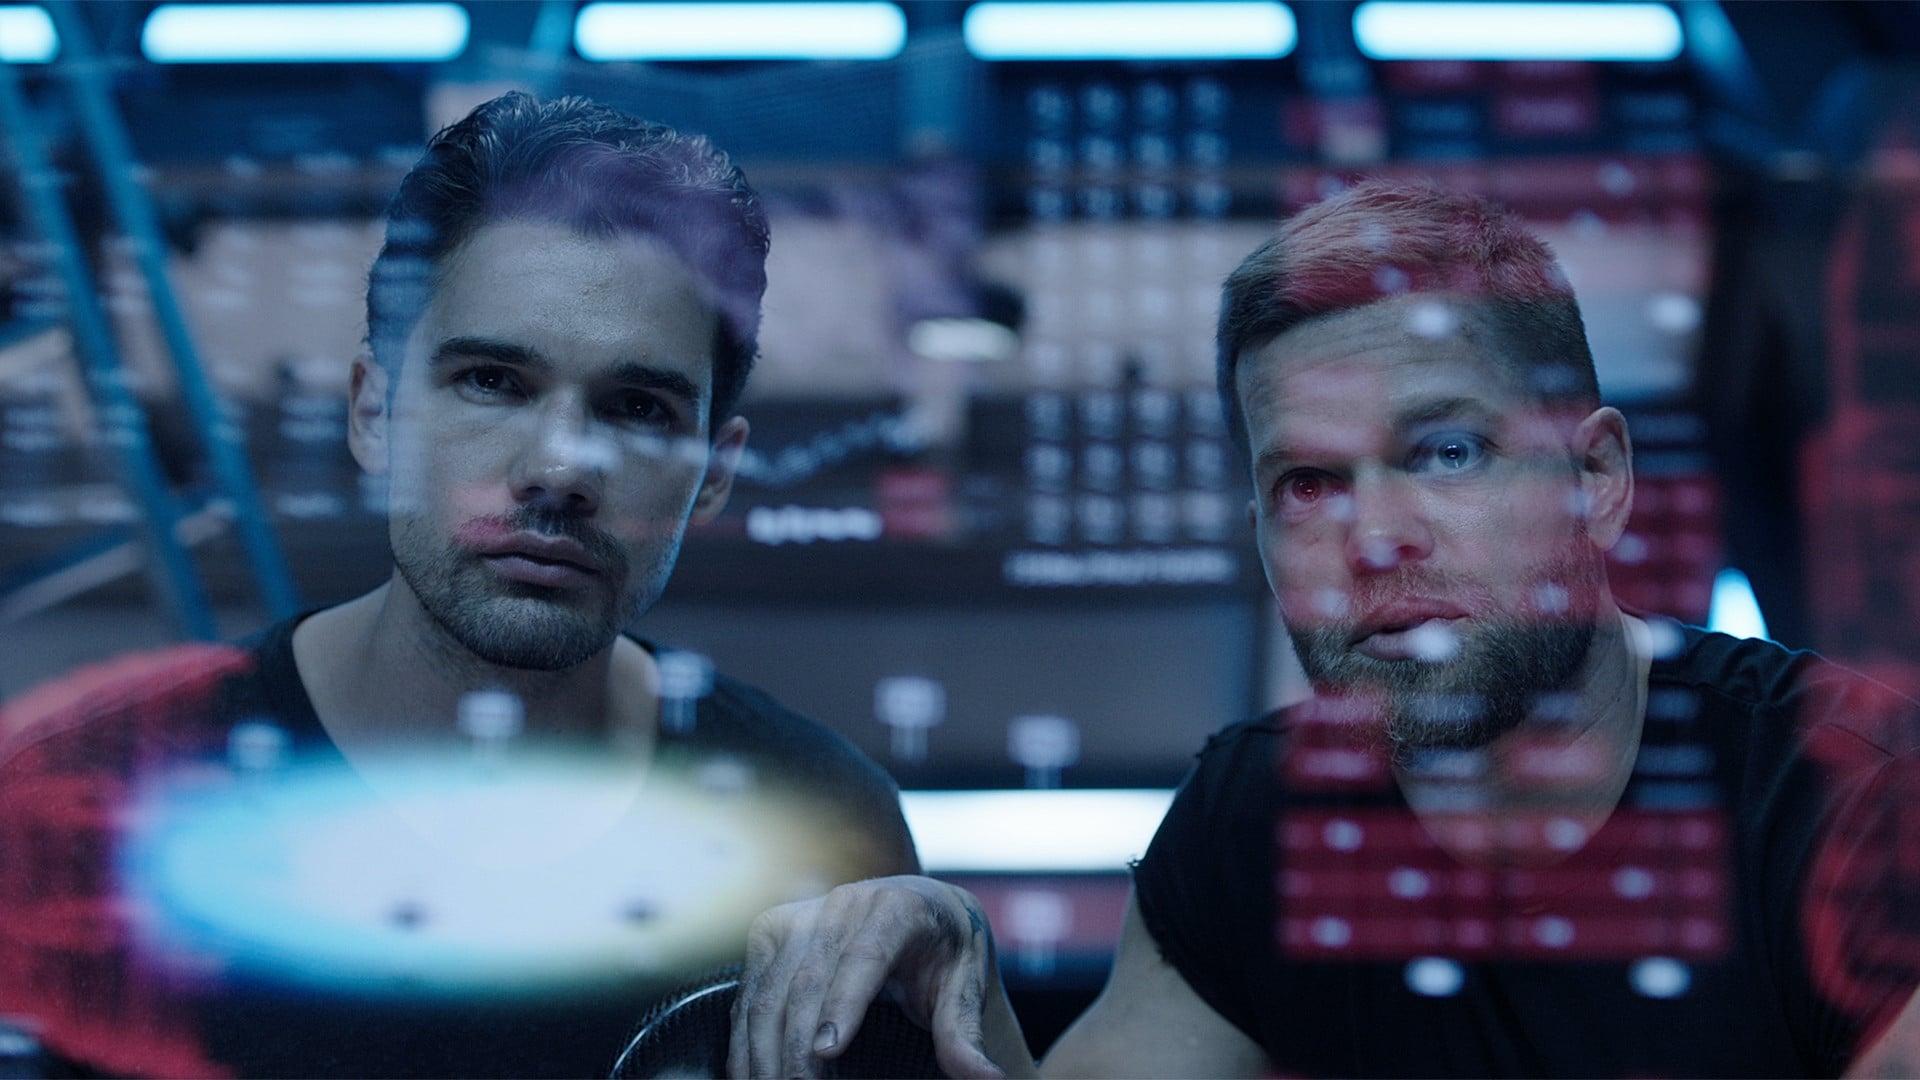 無垠的太空/蒼穹浩瀚第三季 第1集 - Movieffm電影線上看